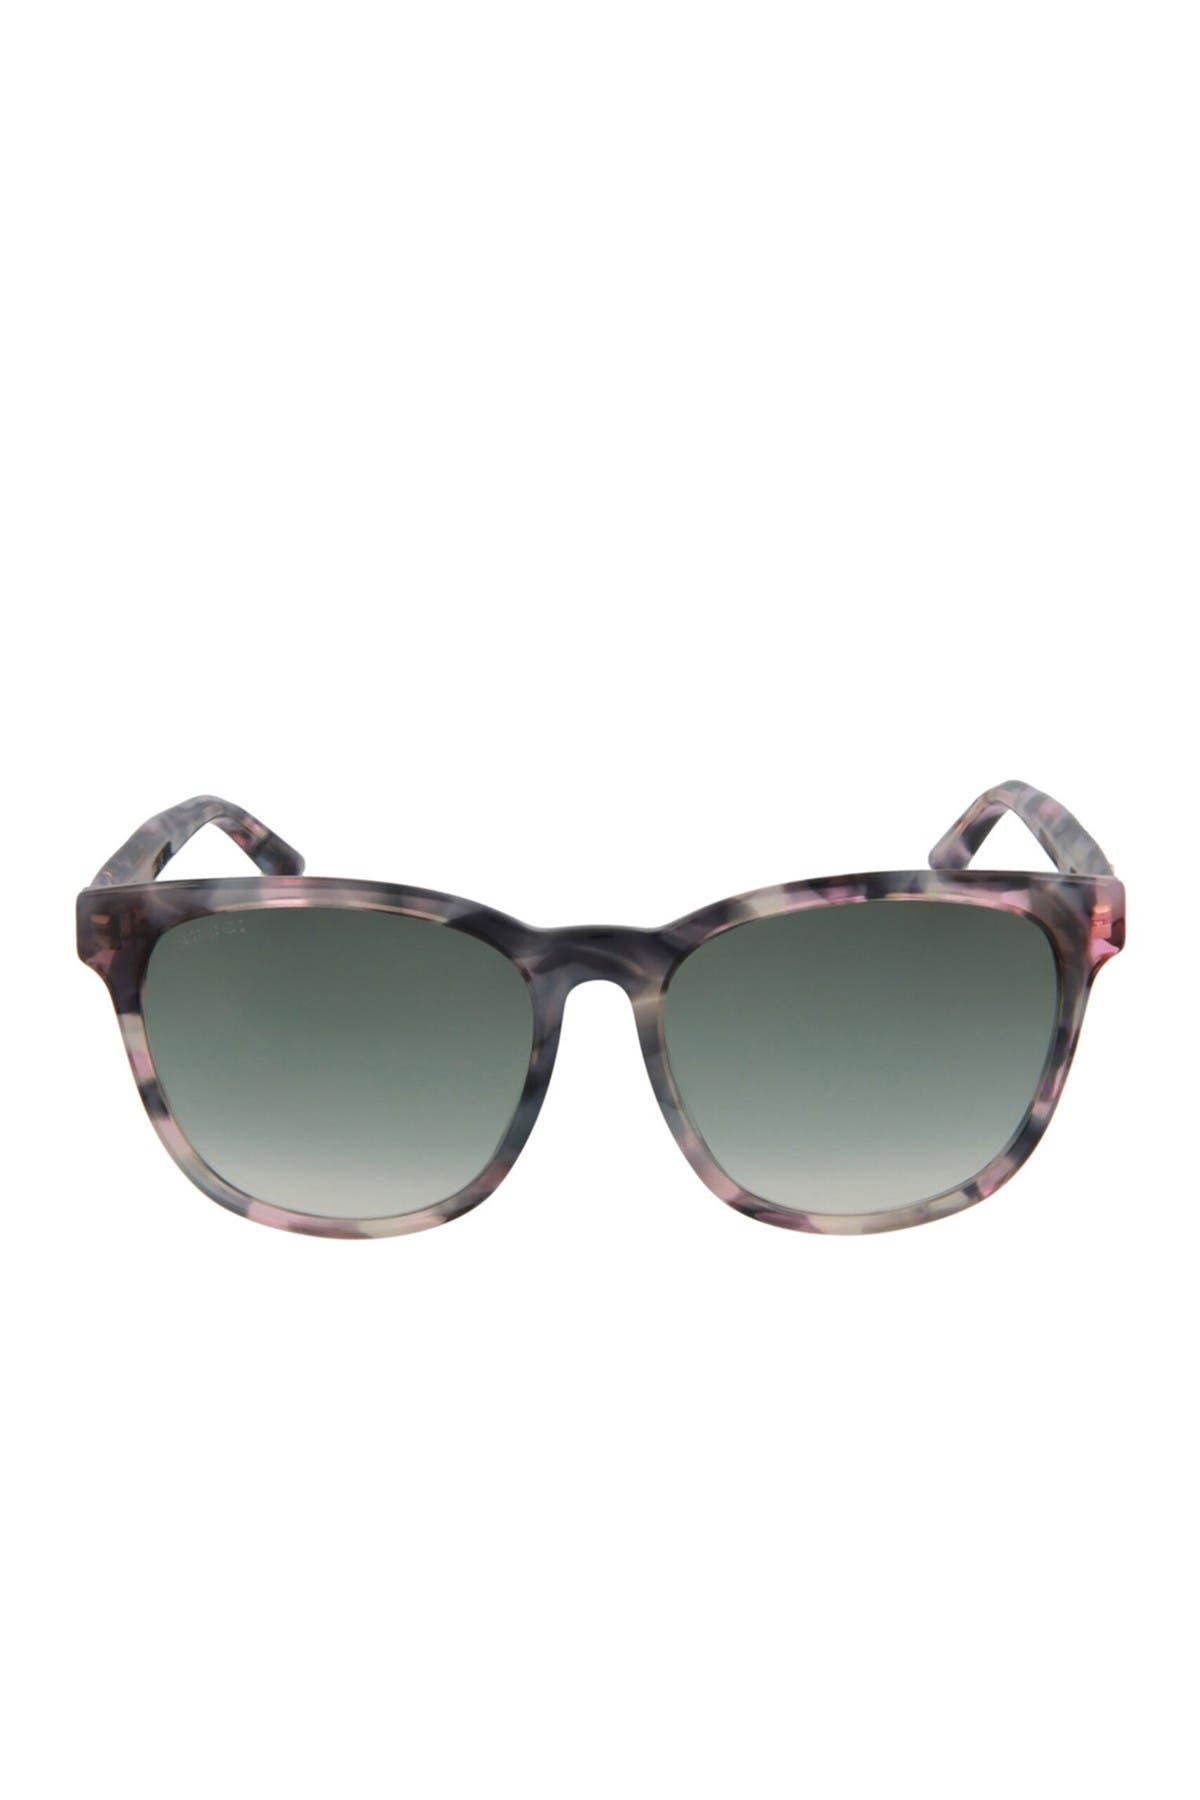 Gucci 56mm Fashion Rectangle Sunglasses In Gray